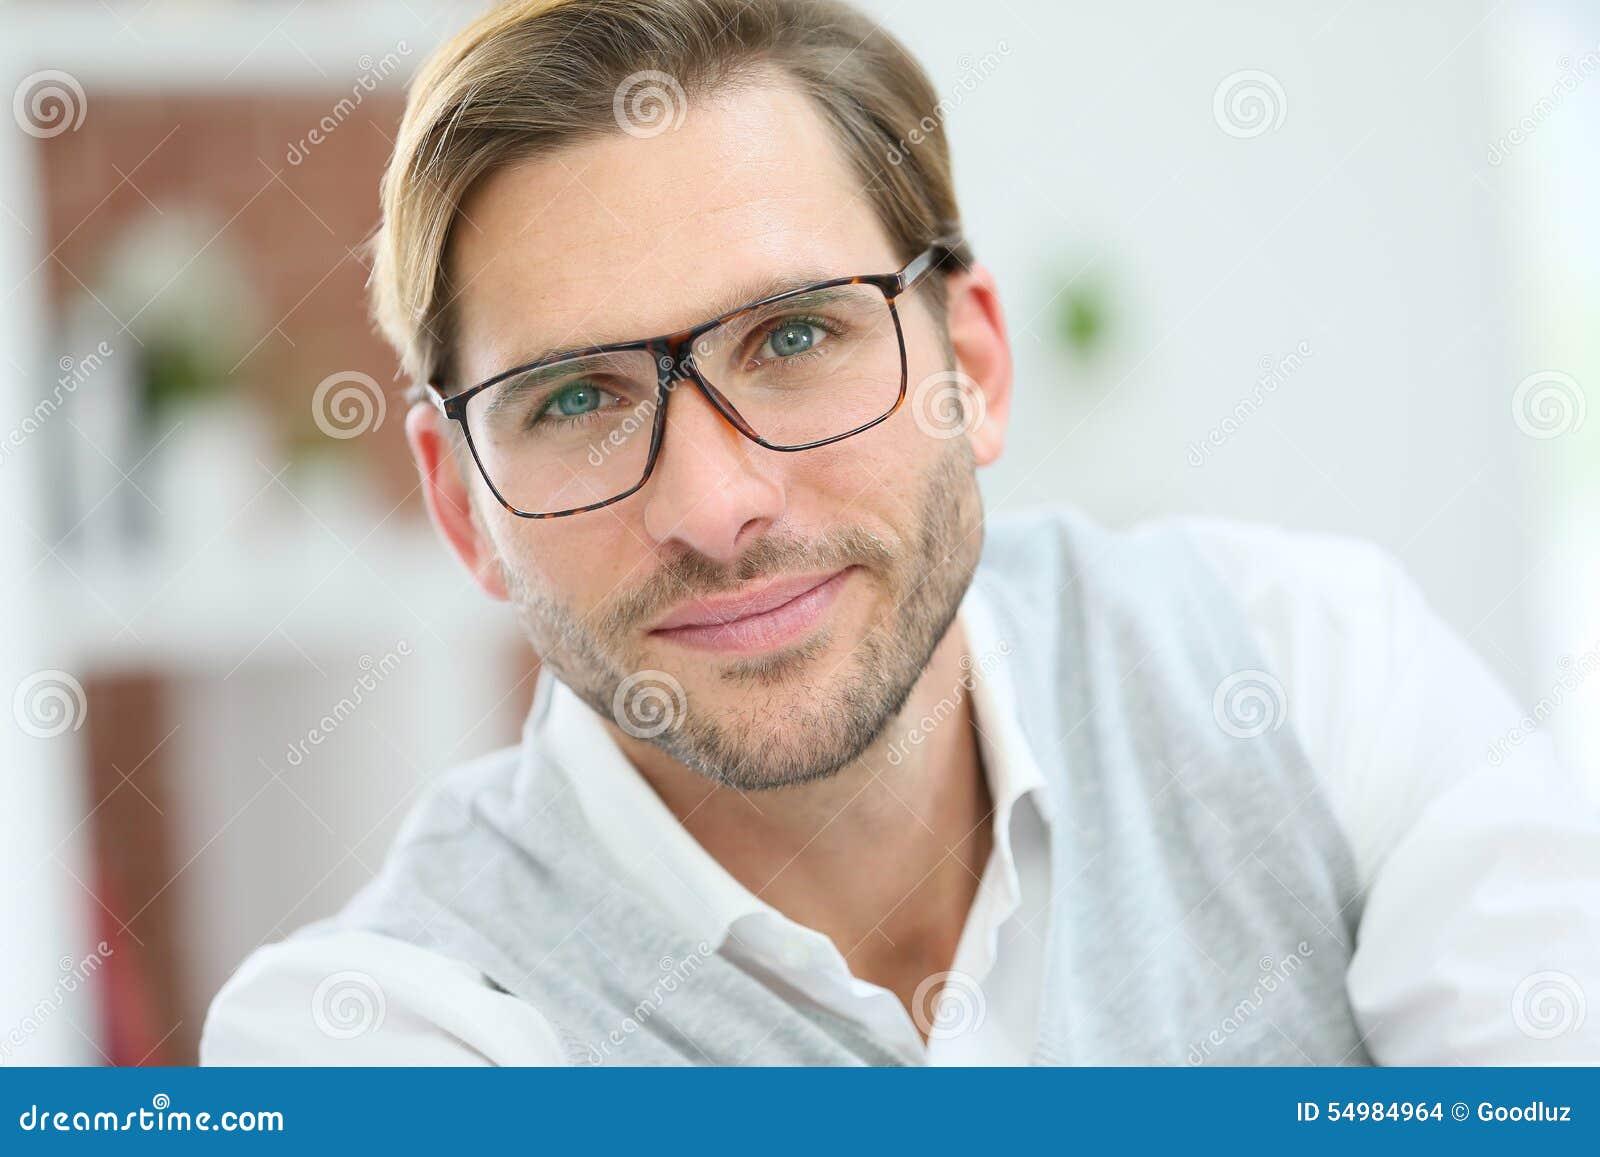 在白色的背景镜片英俊的查出的人